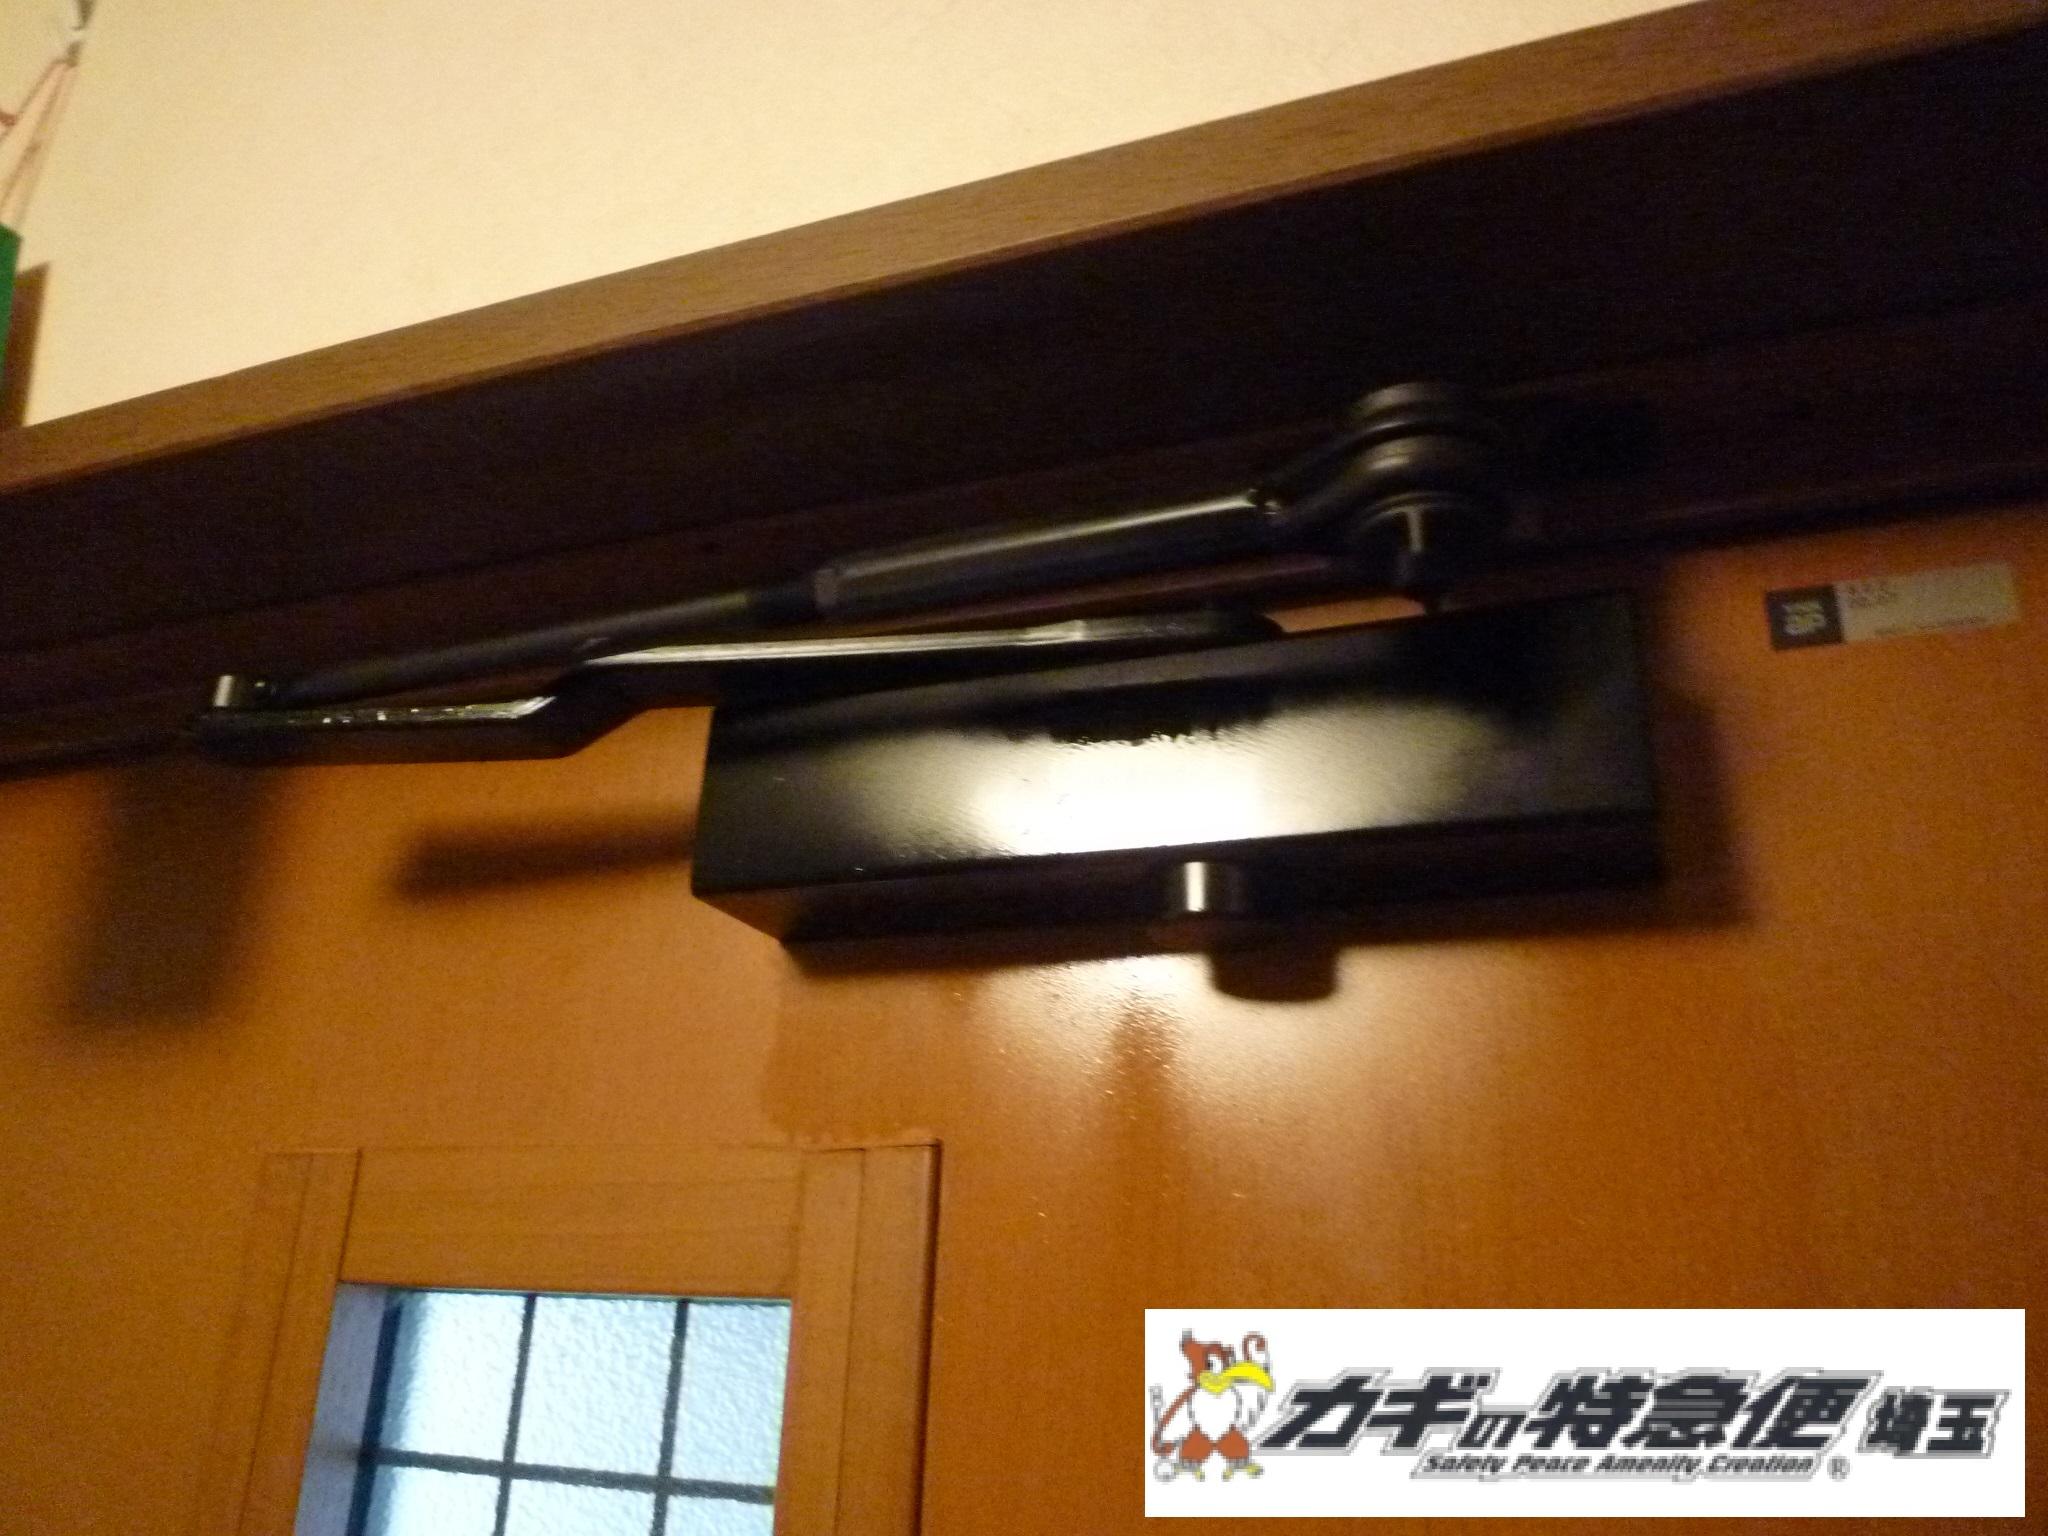 ドアクローザーの交換修理(ドアや鍵を長持ちさせるコツとは?埼玉県戸田市で美和ロック製ドアクローザーの交換)